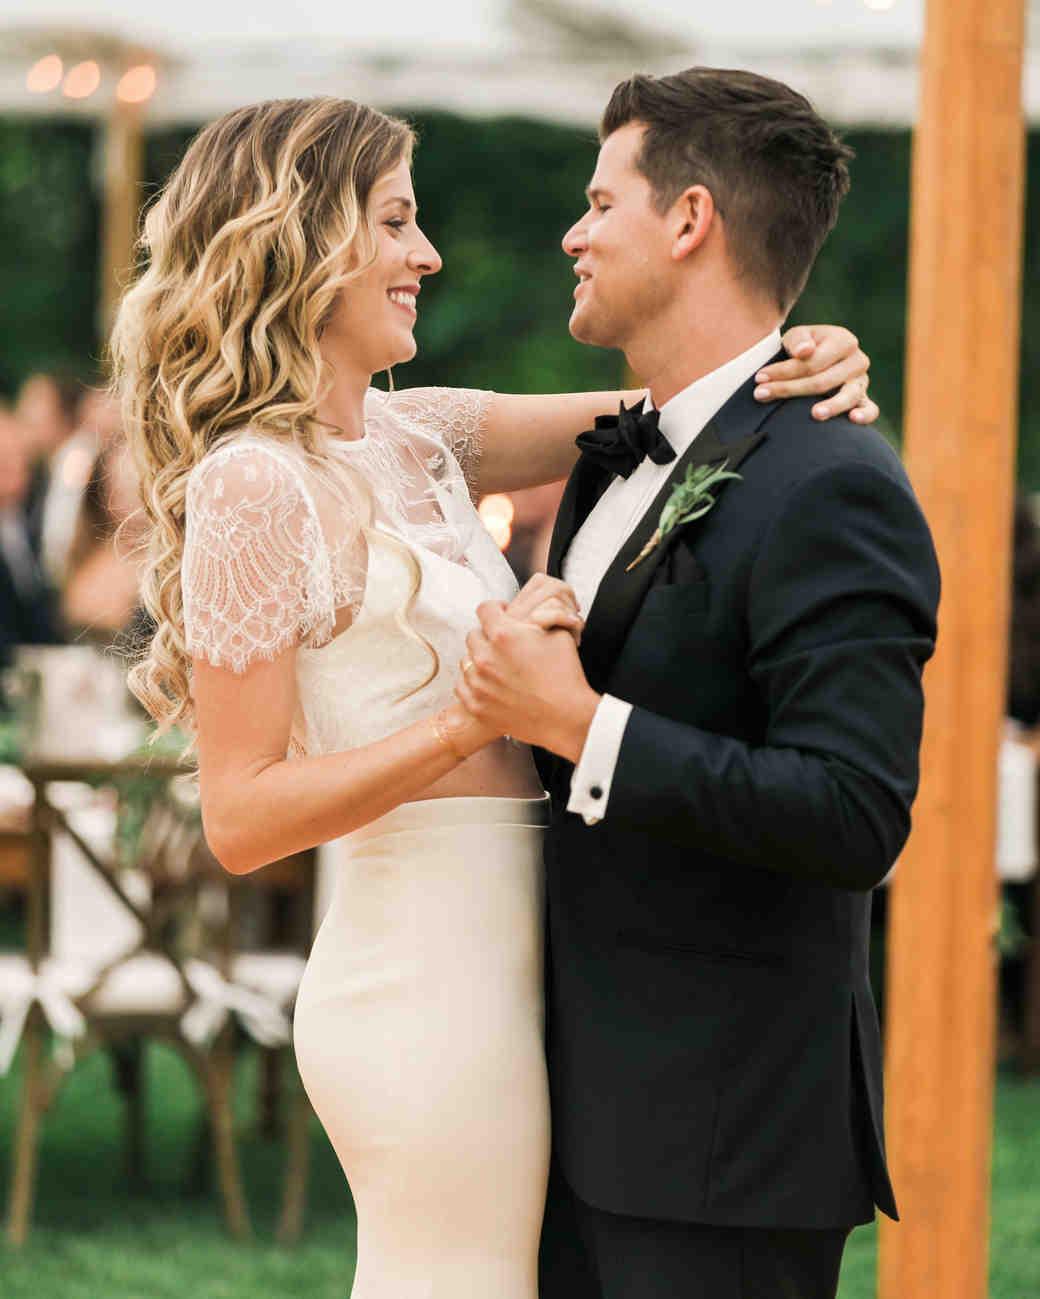 vanessa steven wedding first dance